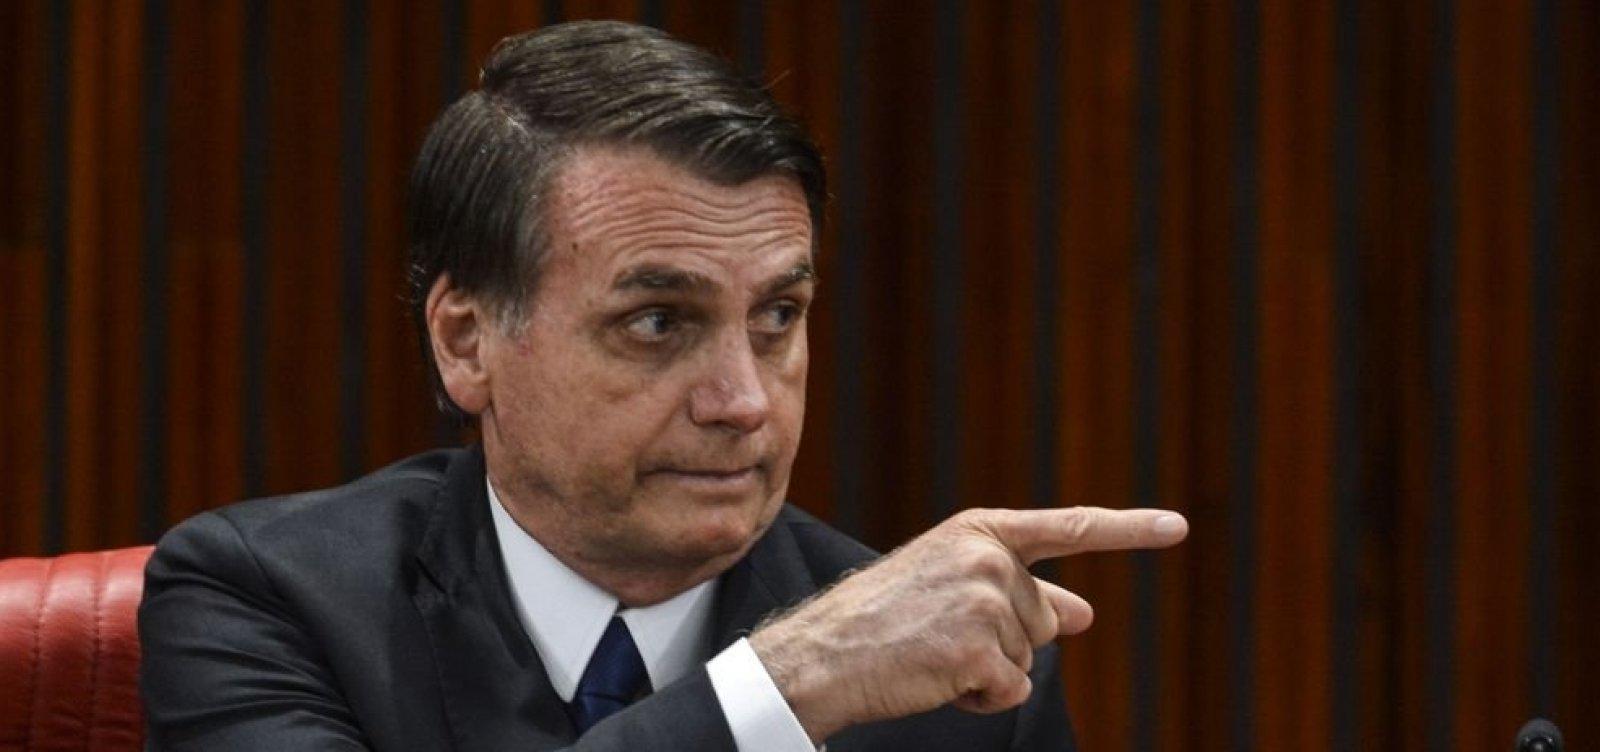 [Datafolha aponta que 65% das pessoas acreditam que governo Bolsonaro será ótimo ou bom]